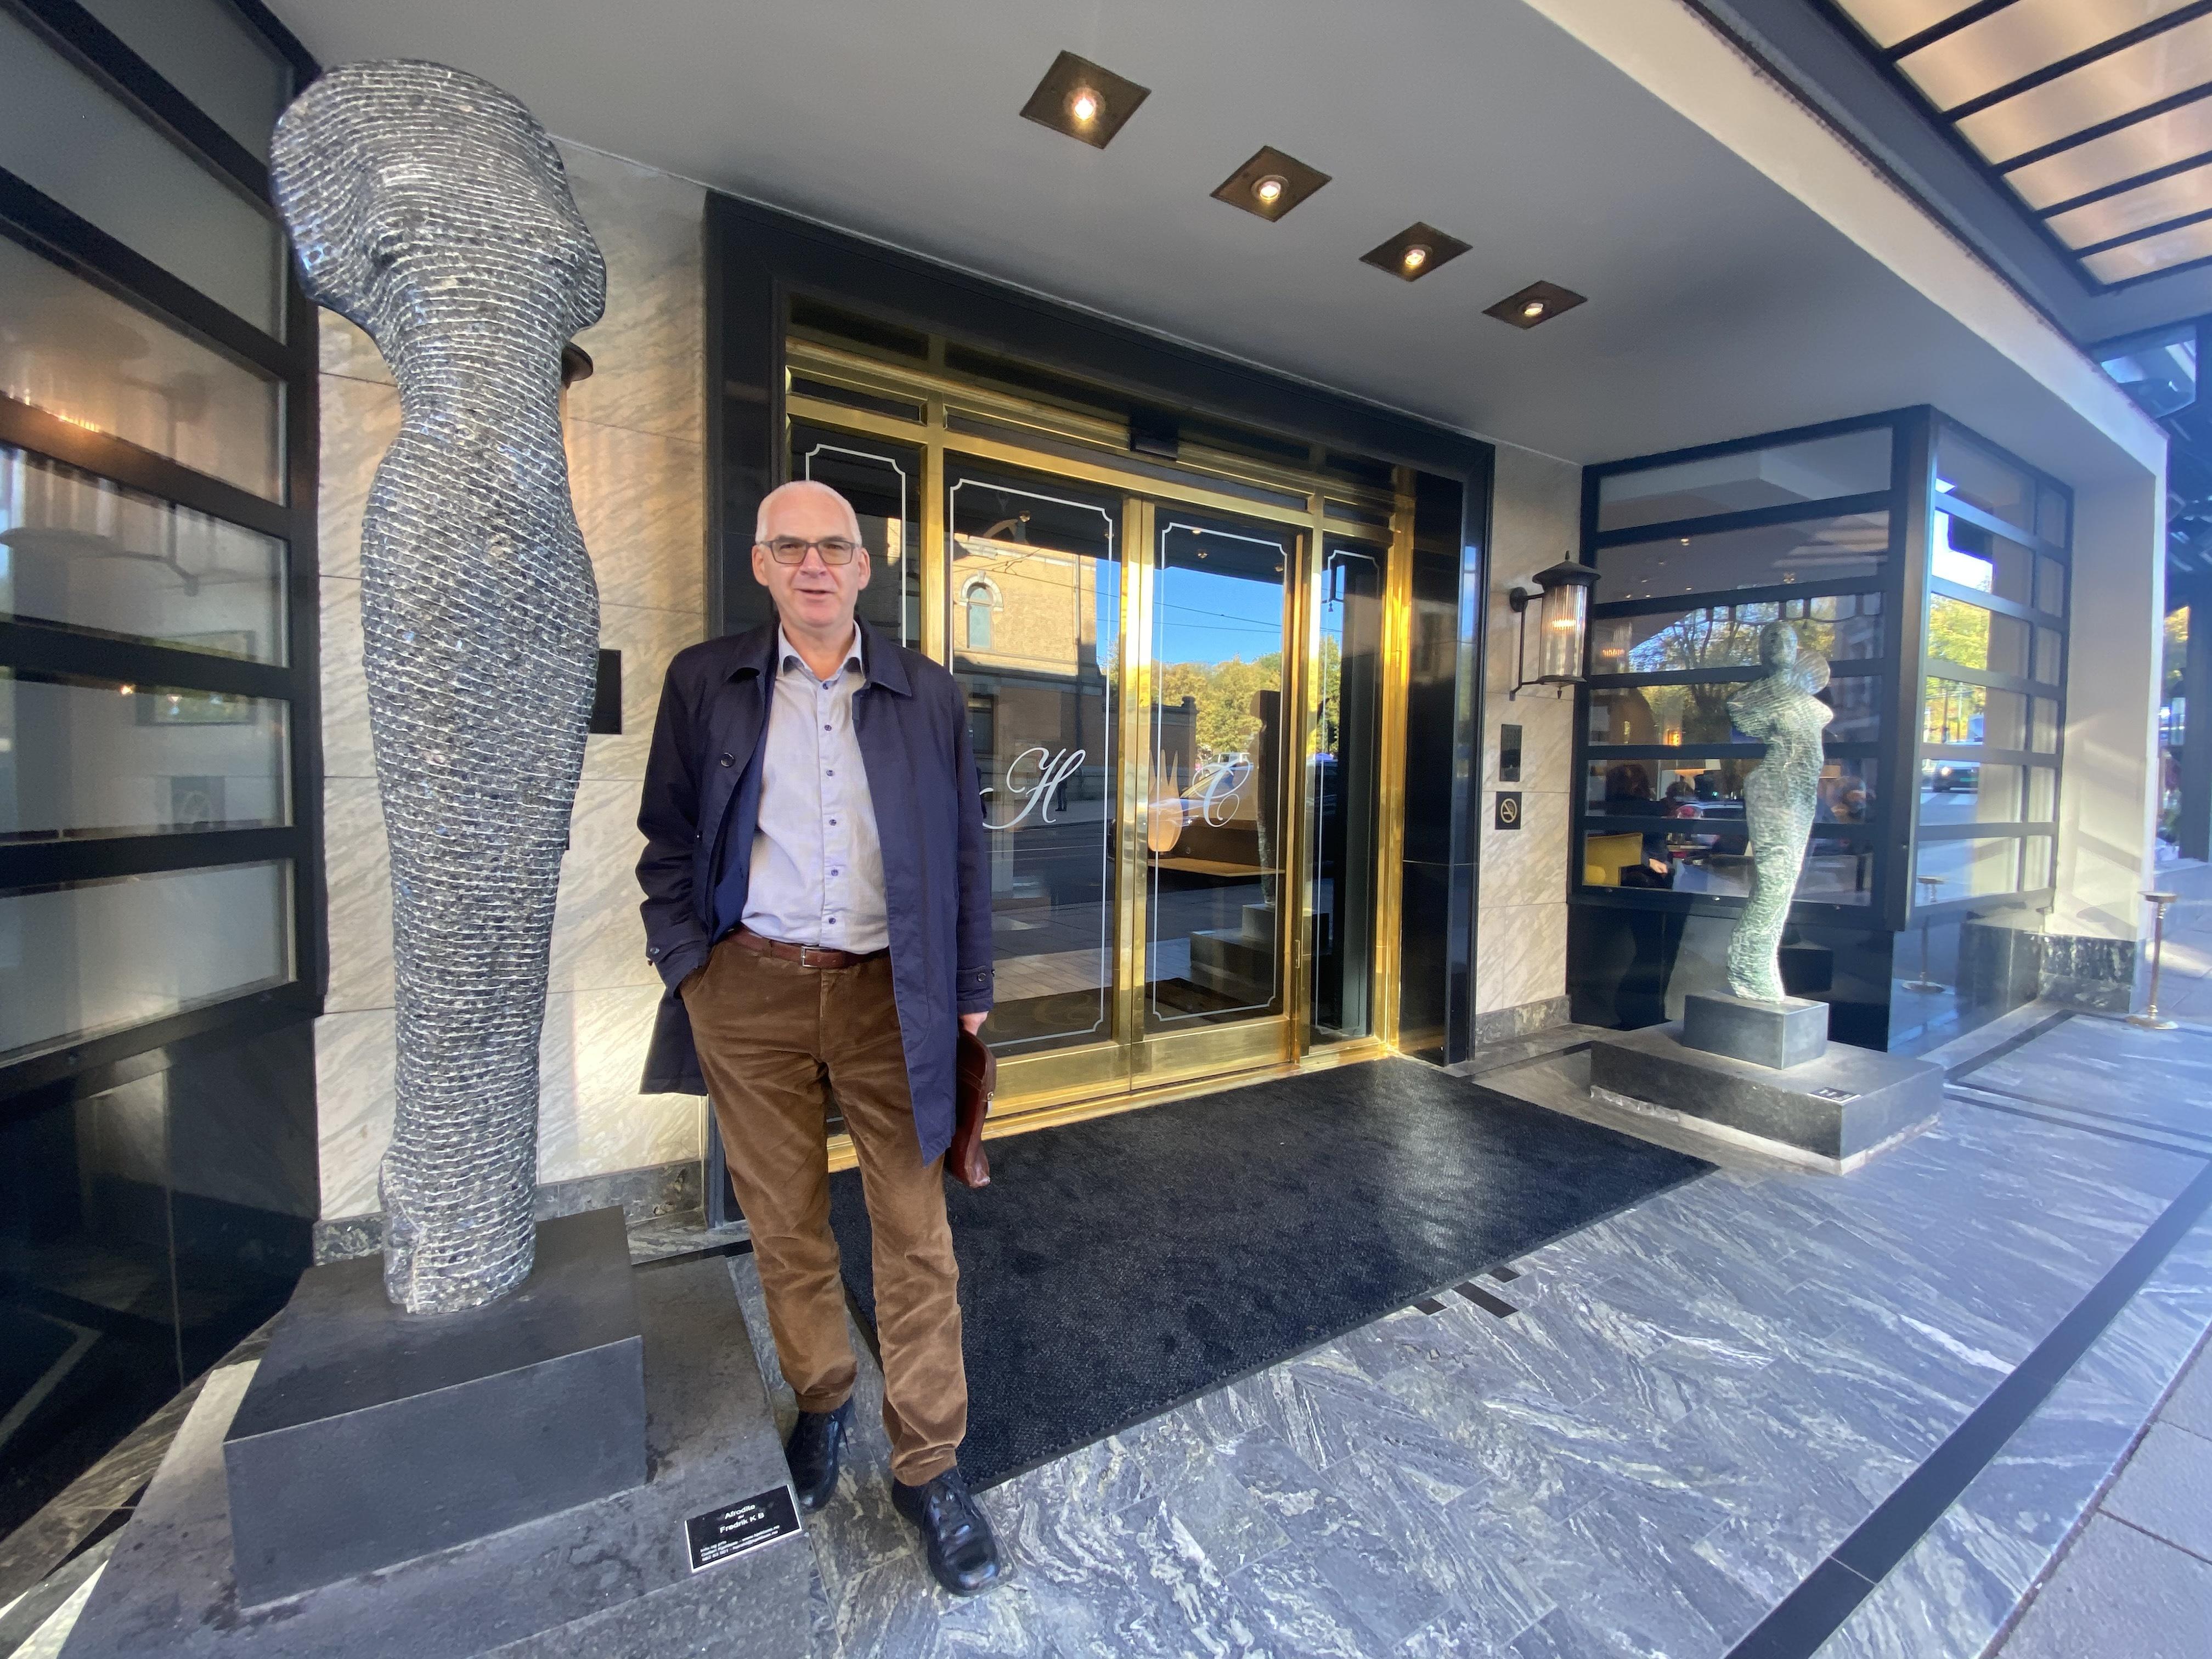 Forhandlingsleder Erik Graff